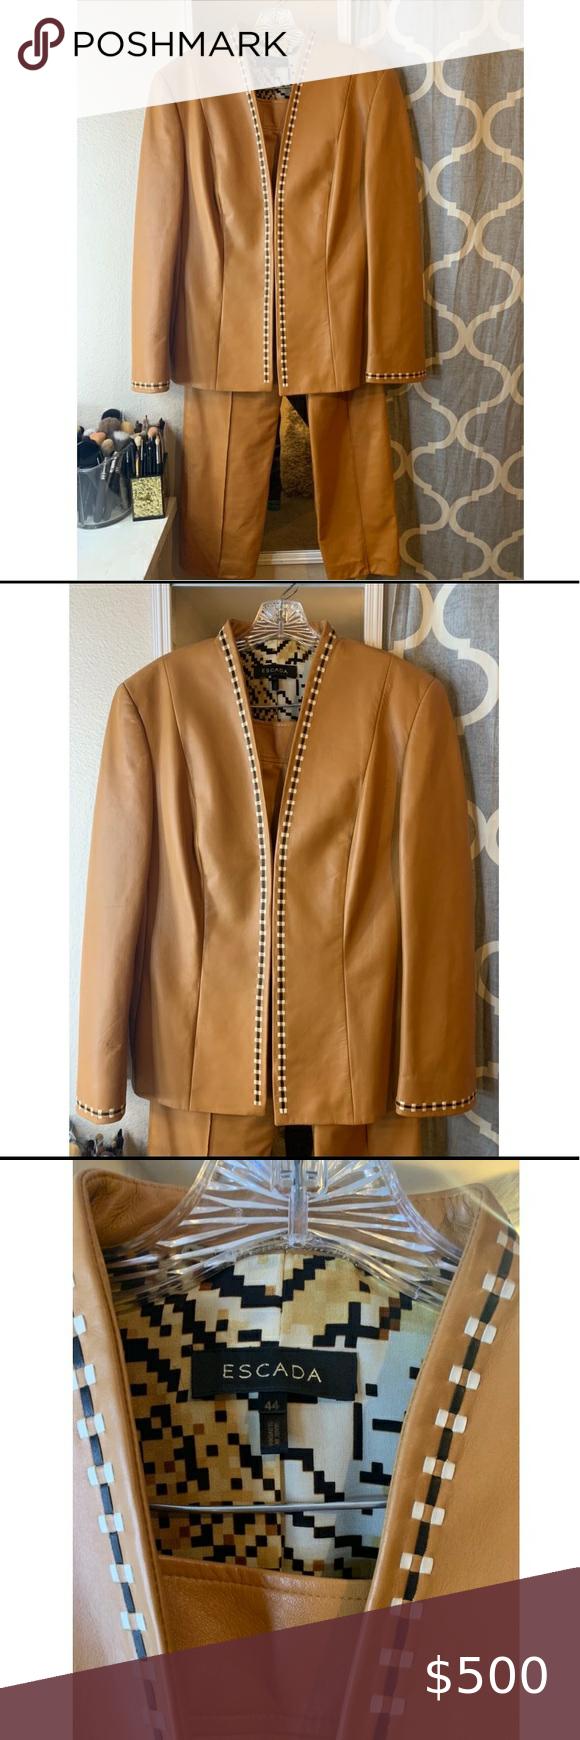 Escada Leather Pant Suit Escada Jacket Clothes Design Leather Pant [ 1740 x 580 Pixel ]